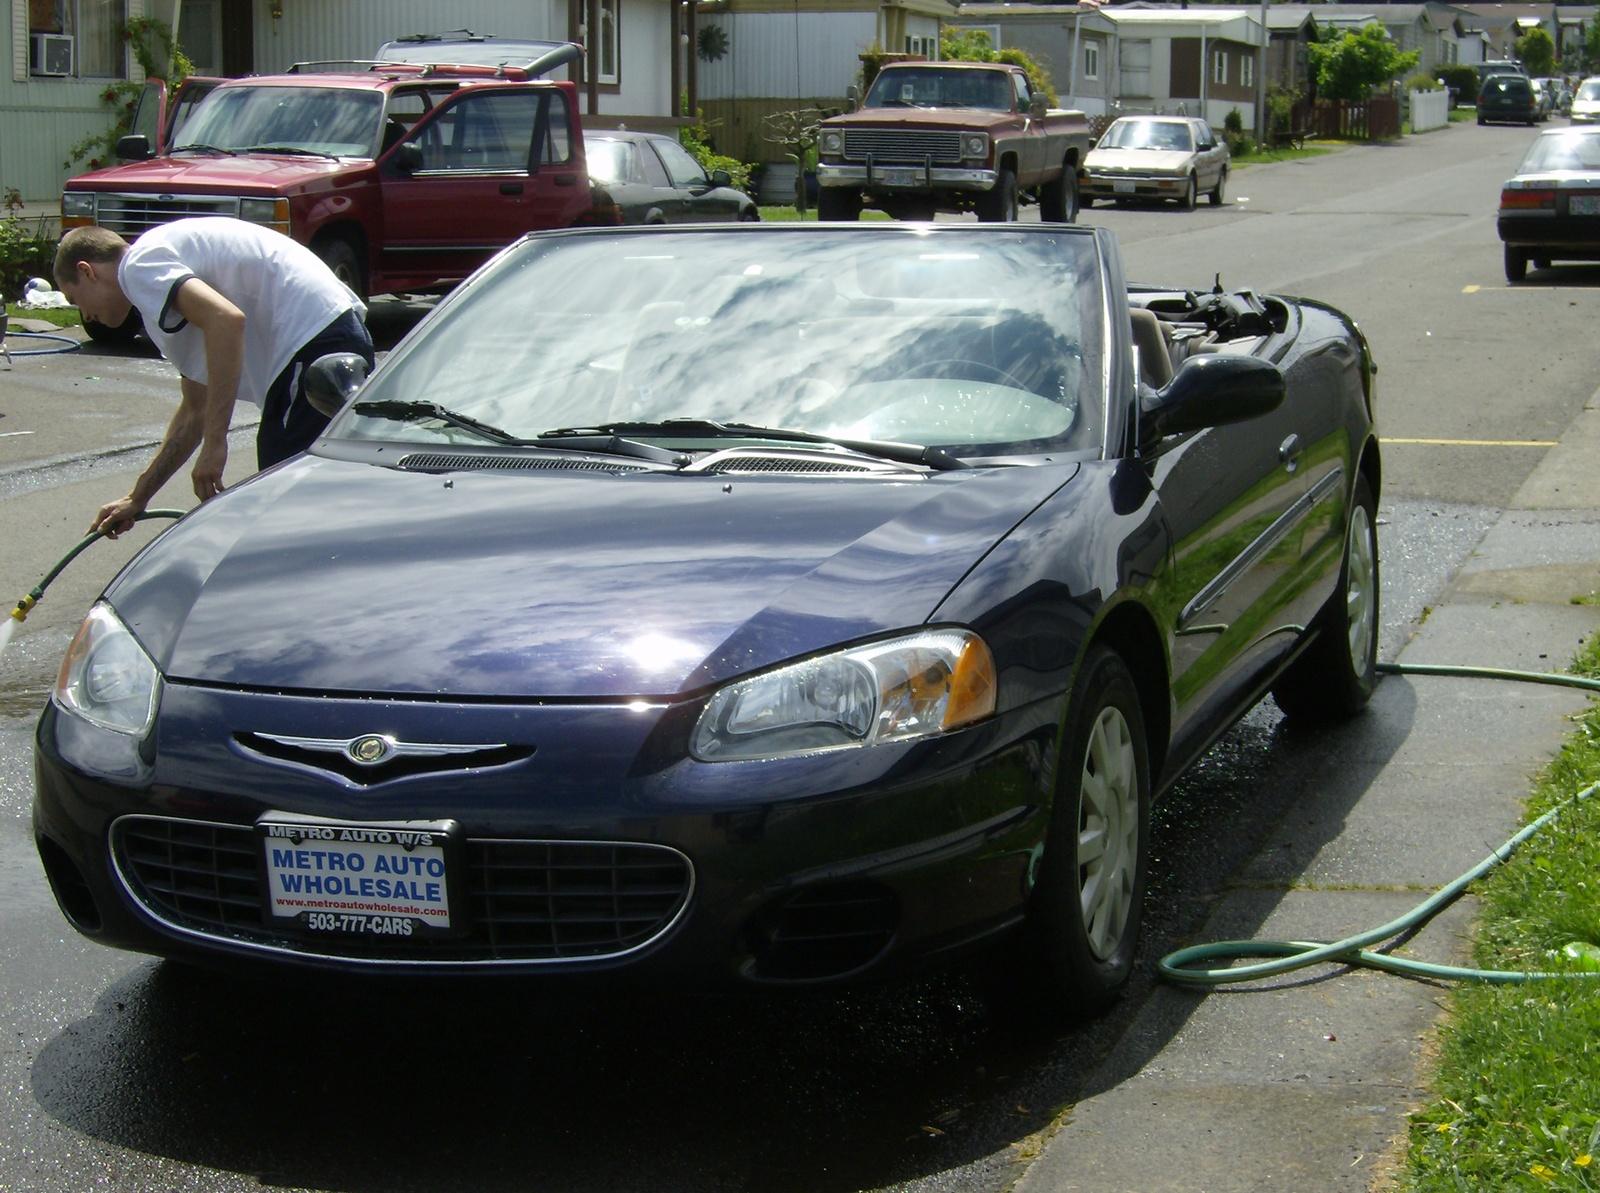 2003 Chrysler Sebring #17 Chrysler Sebring #17